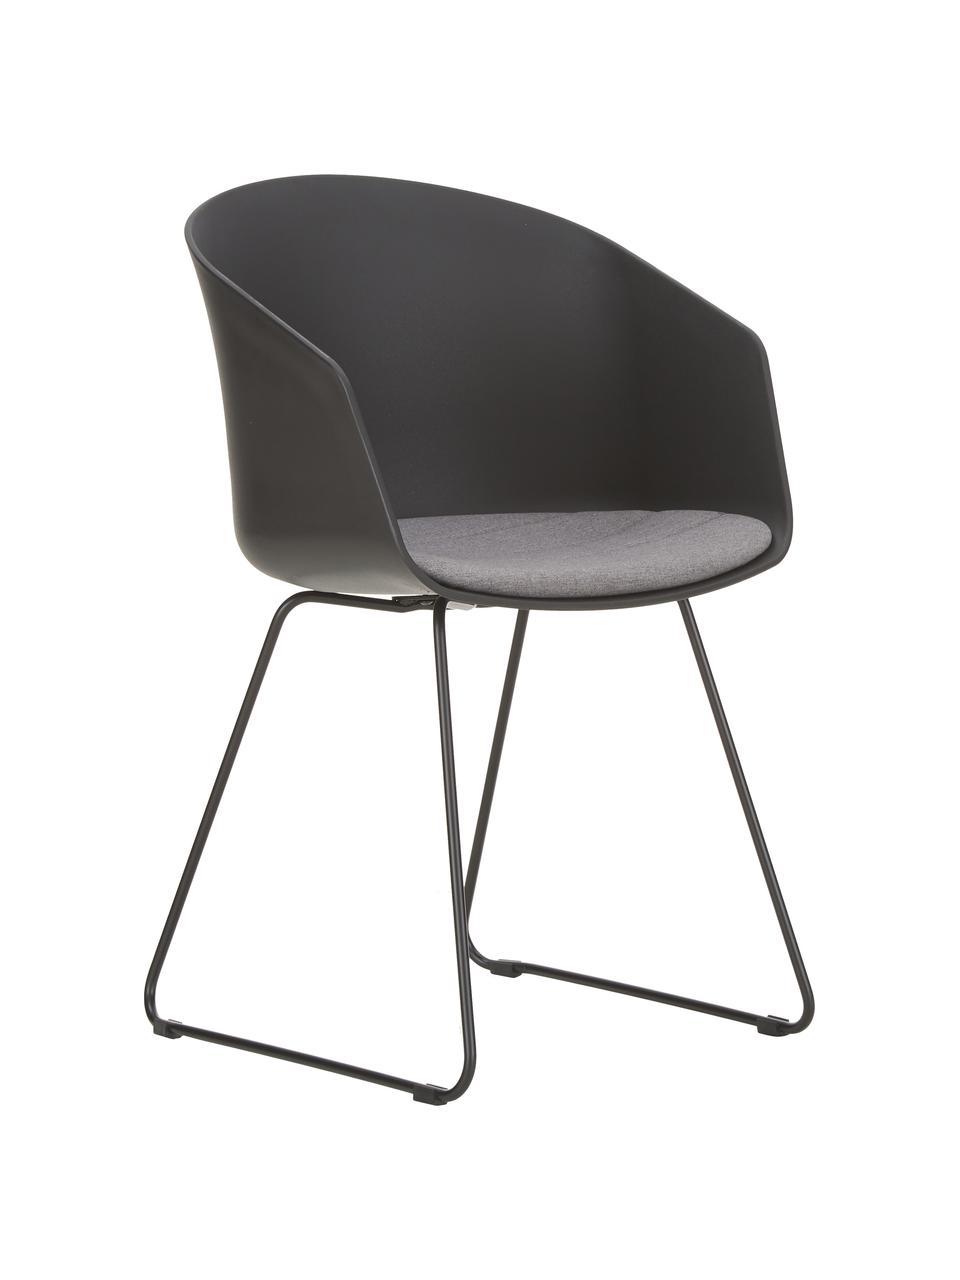 Chaises à accoudoirs Bogart, 2pièces, Chaise: noir Galette de chaise: gris foncé Pieds: noir